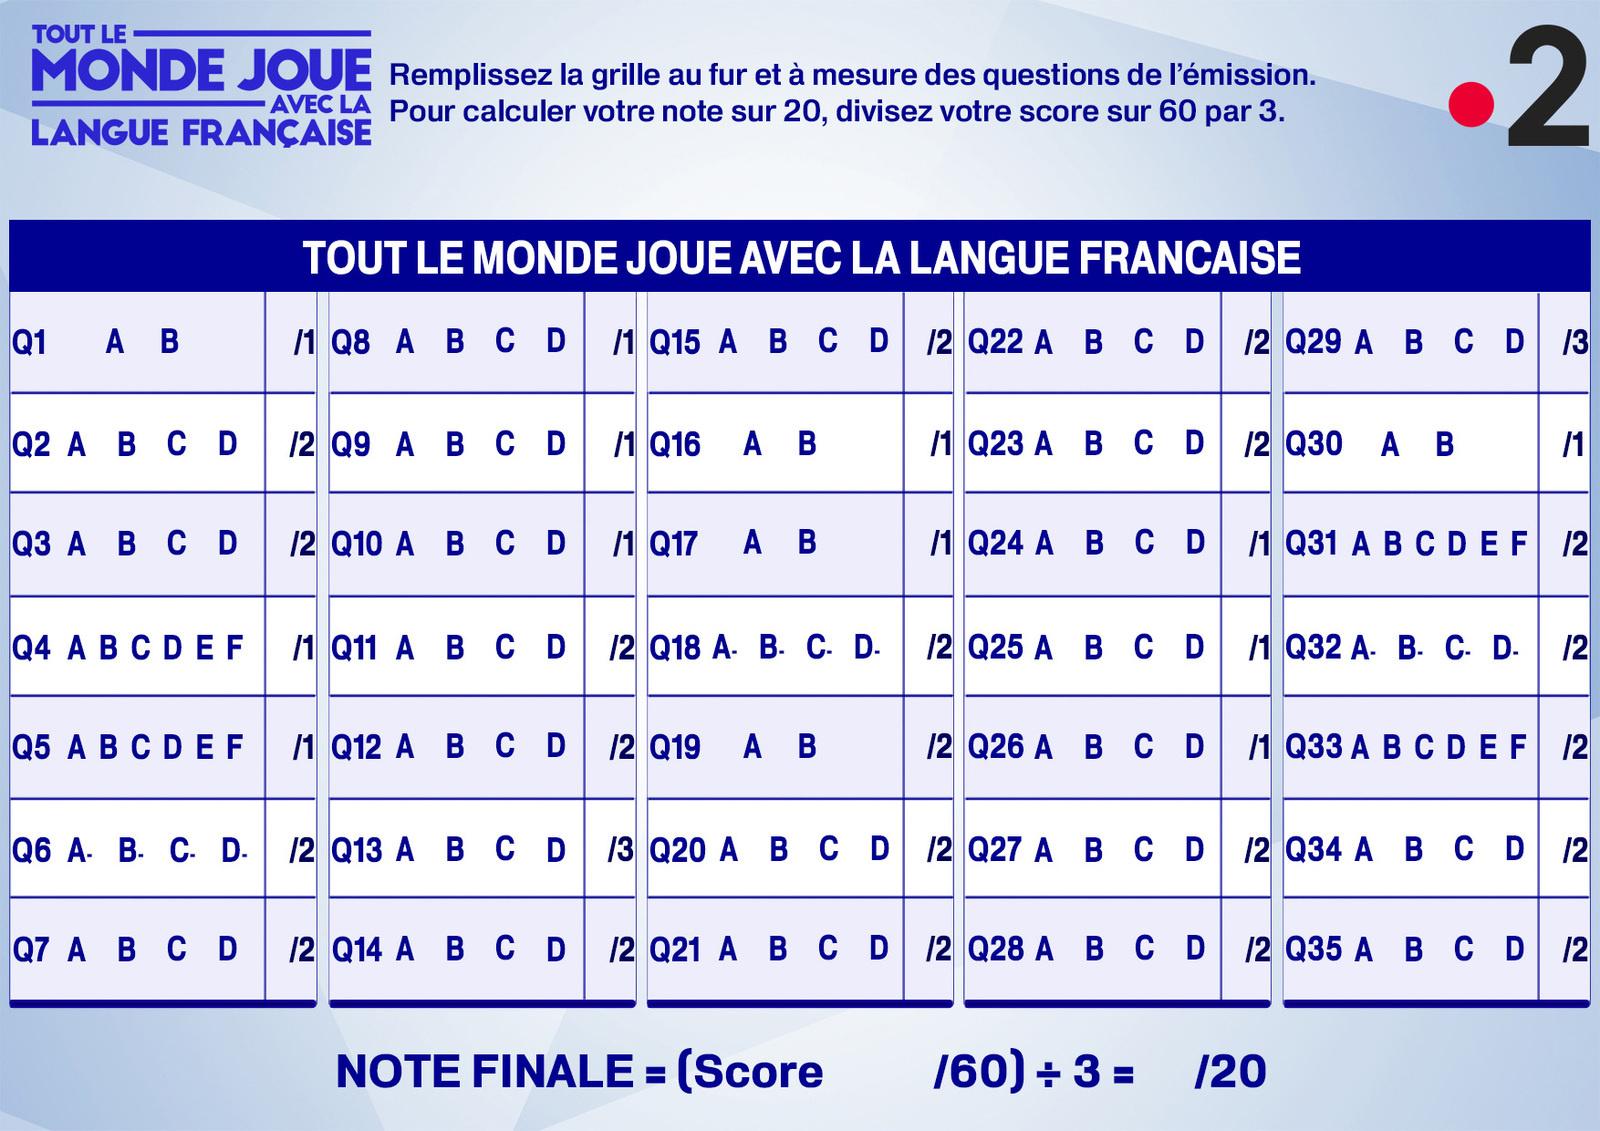 Tout Le Monde Joue Avec La Langue Française : Imprimez La encequiconcerne Jeux Anagramme Gratuit A Telecharger